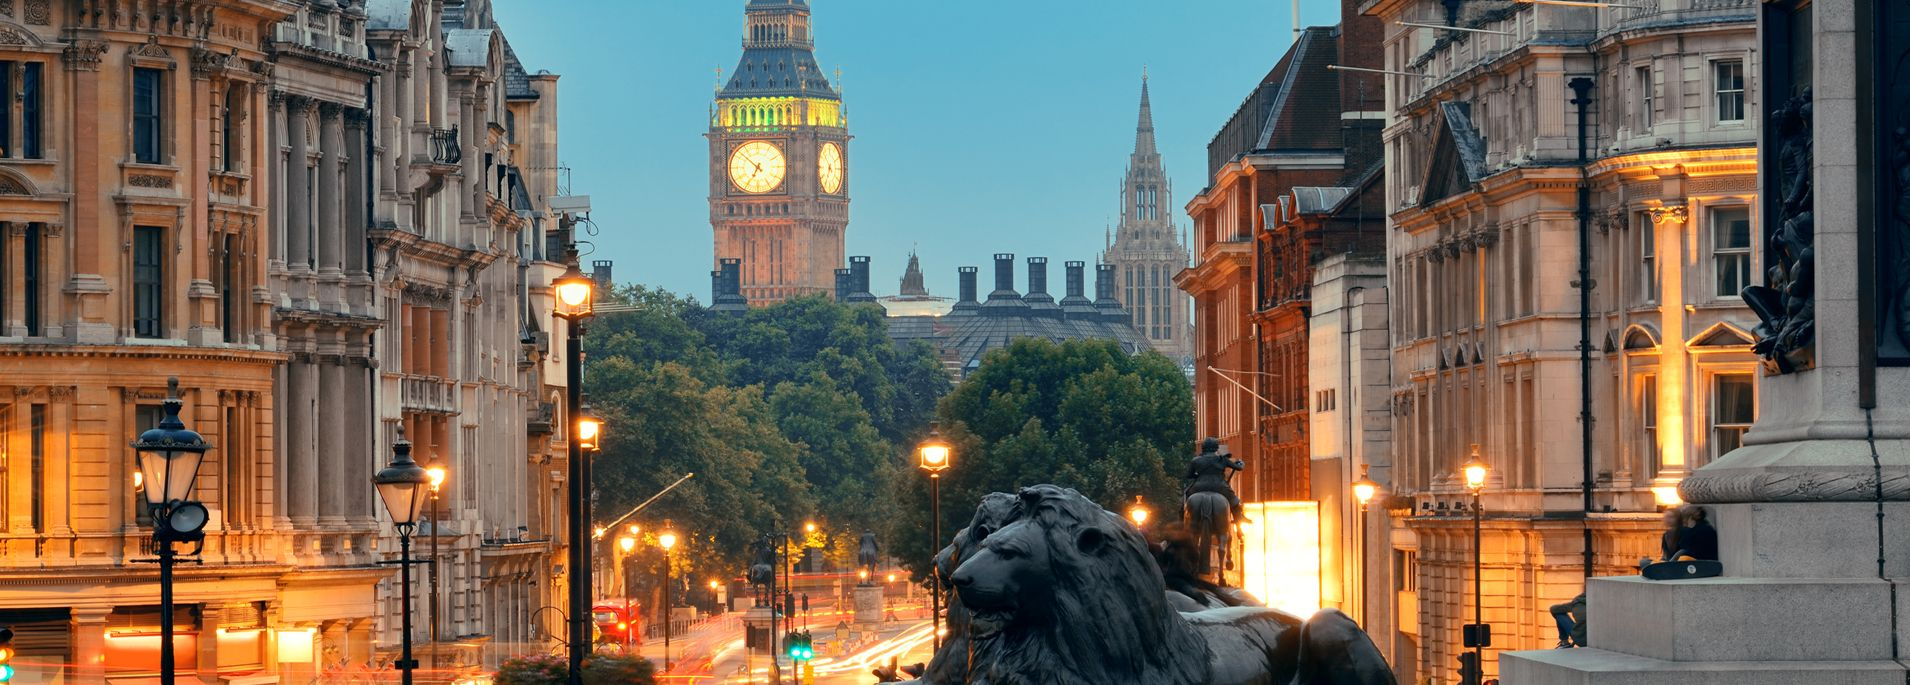 London Dale Ventures